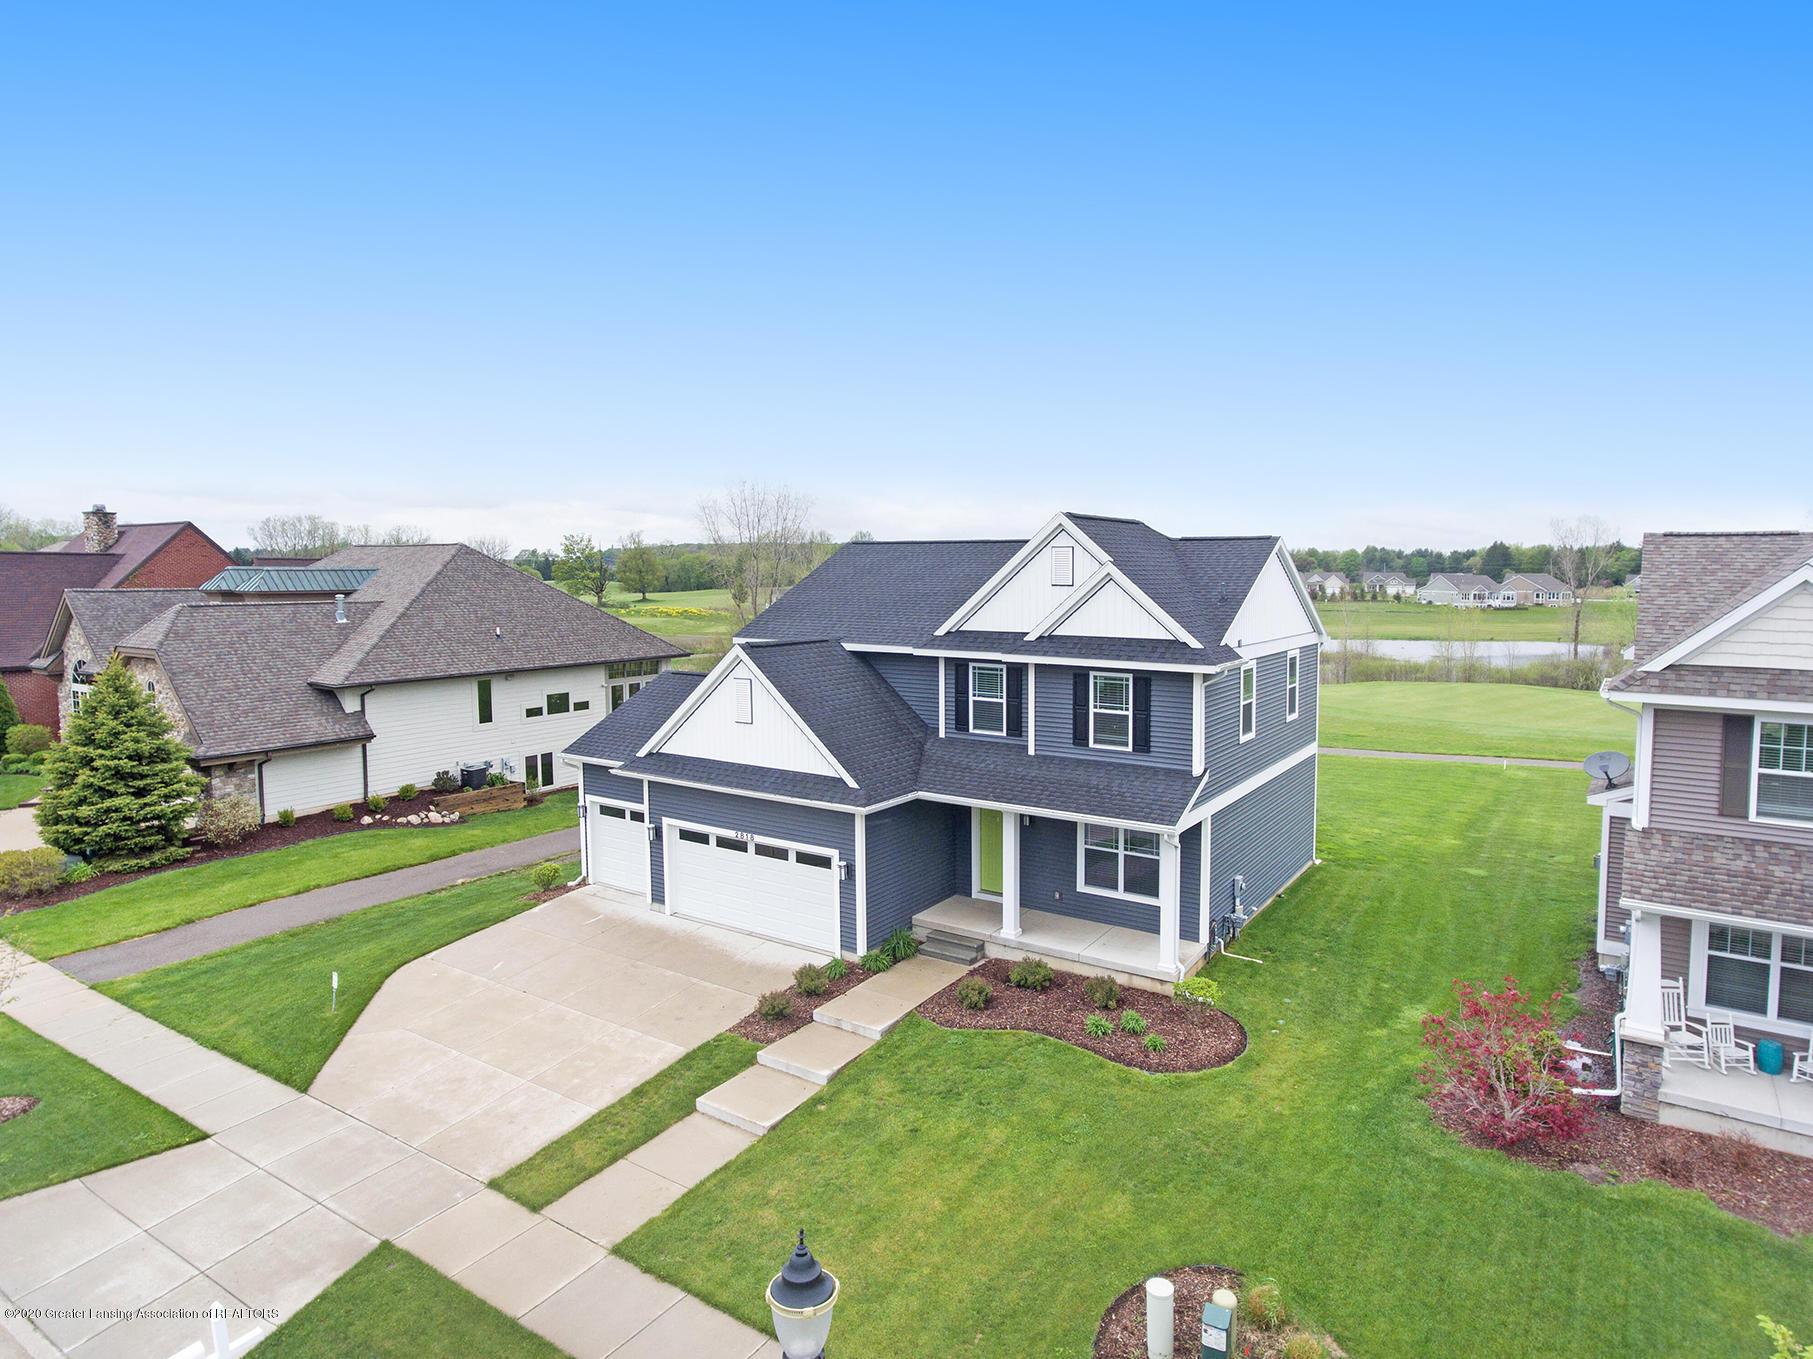 2818 Kittansett Dr - Aerial View - 60